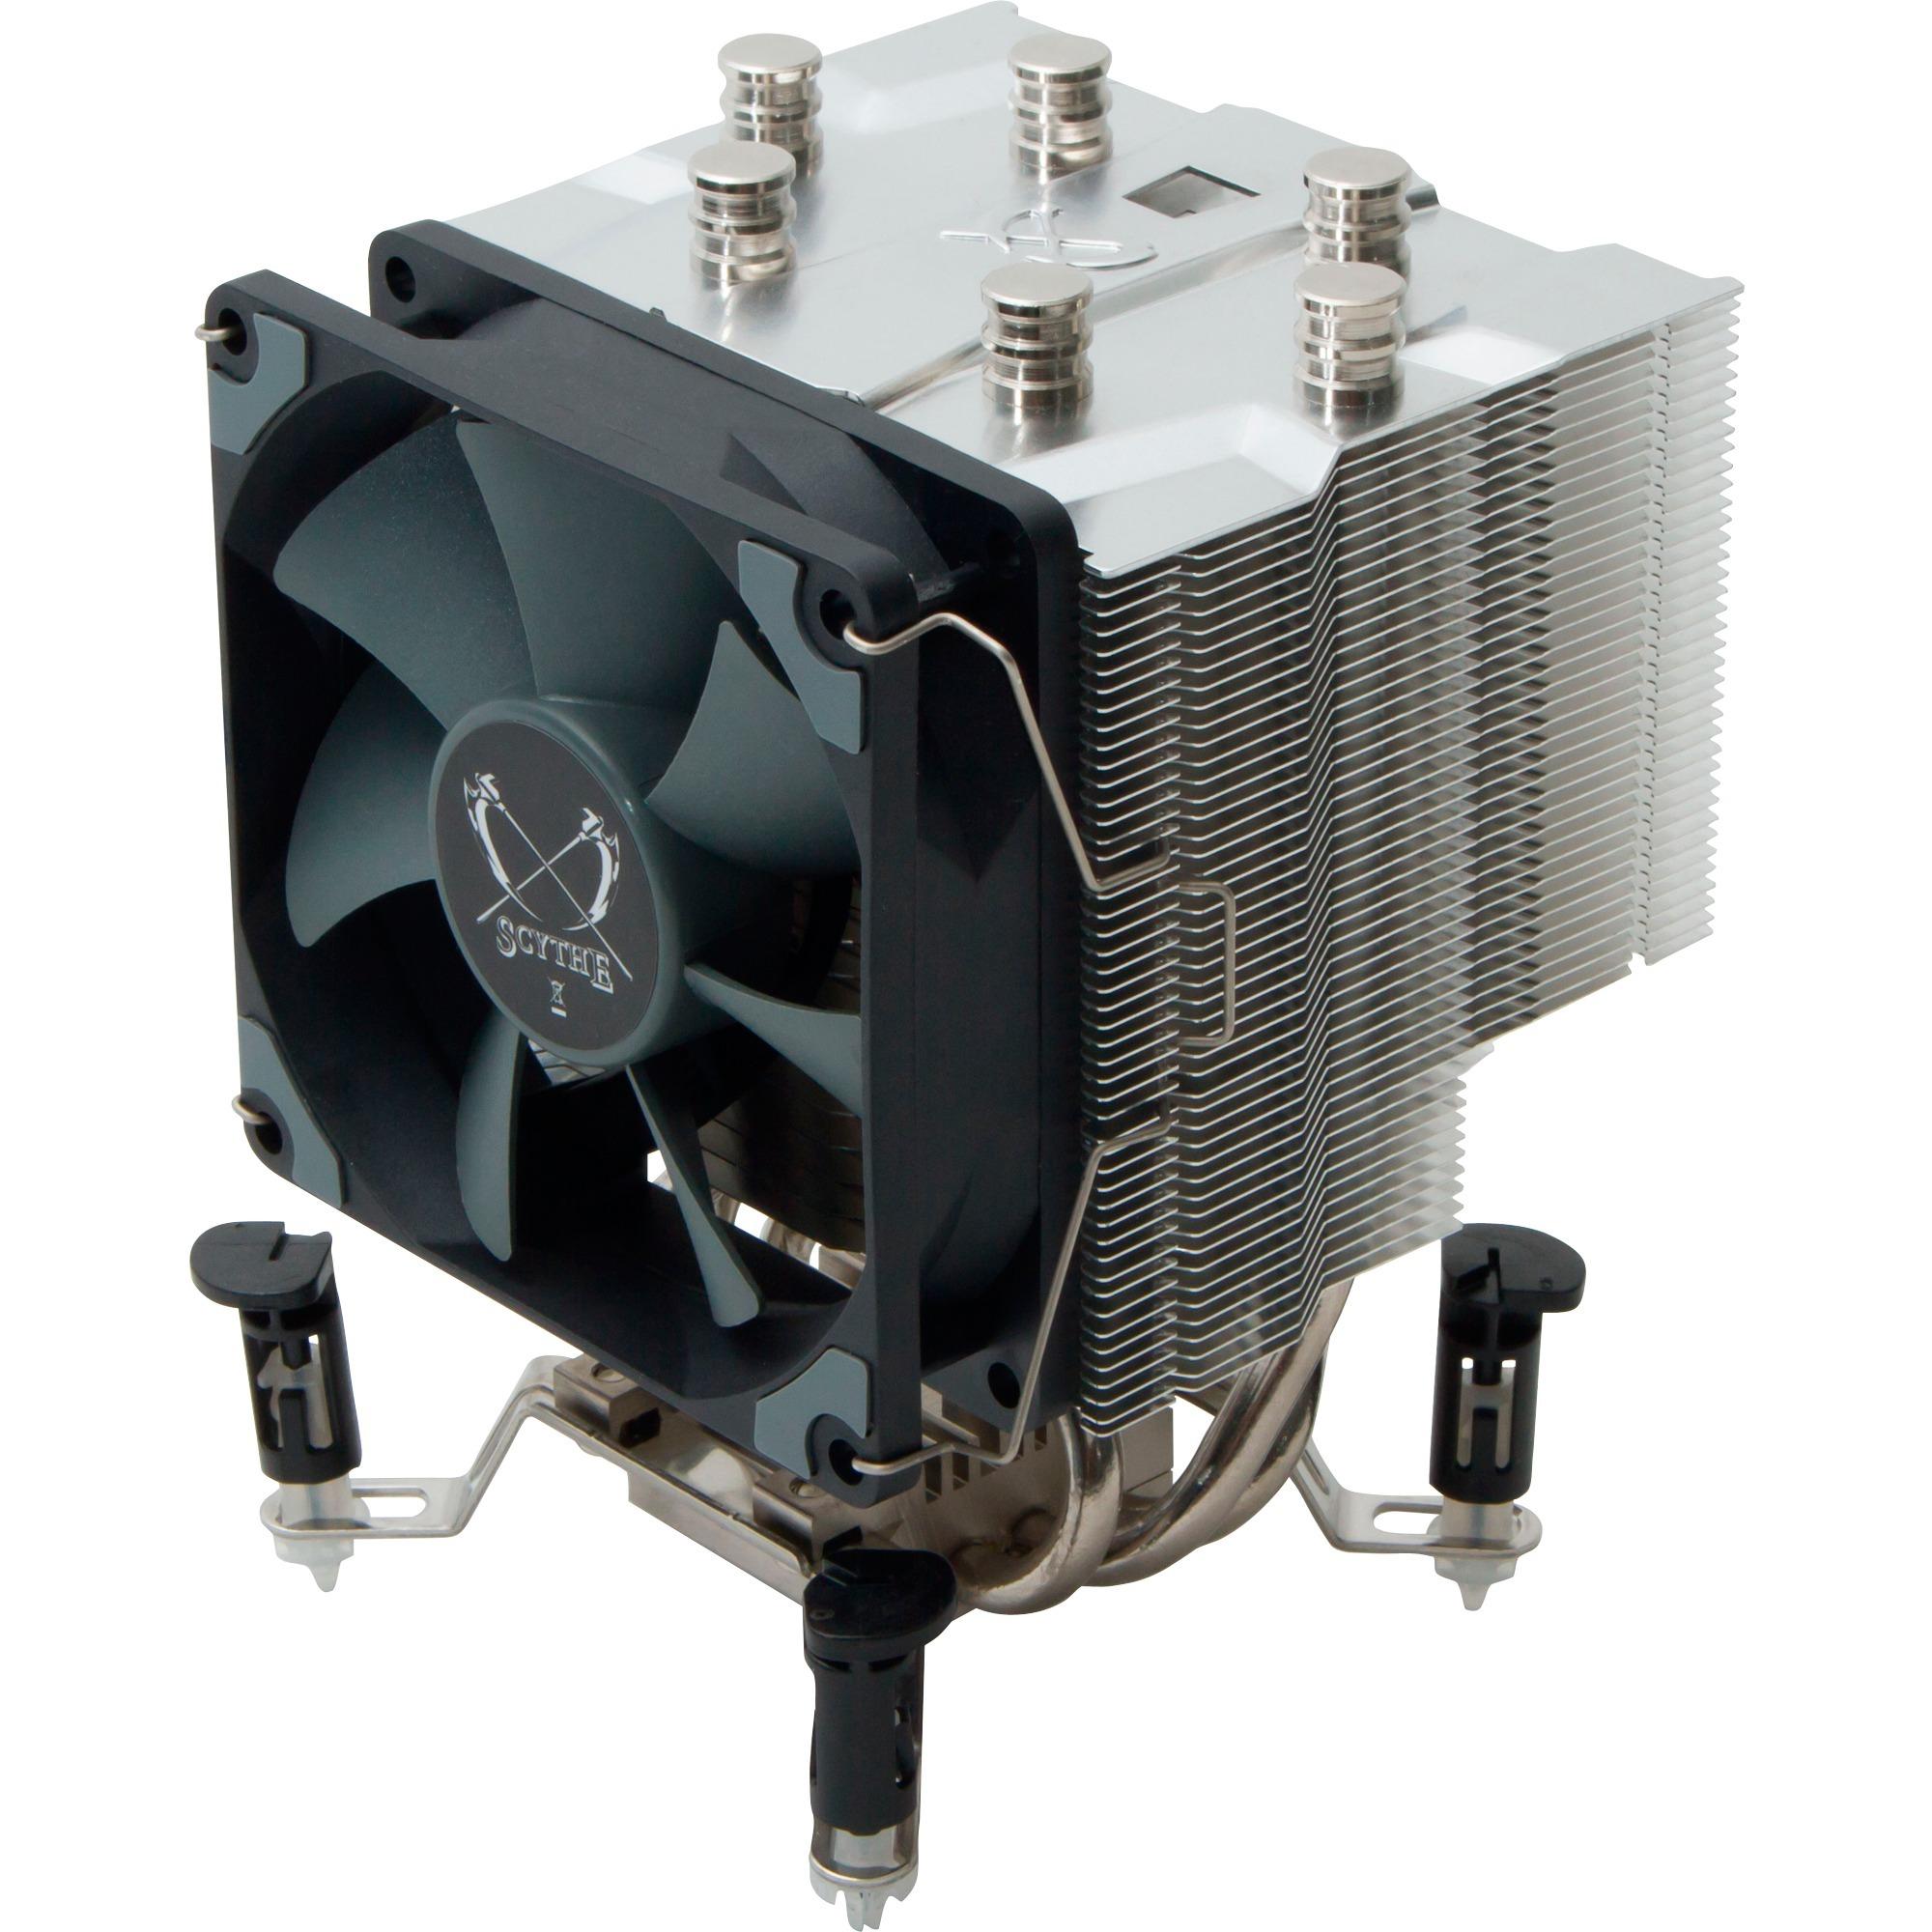 Katana 5 Procesador Enfriador, Disipador de CPU